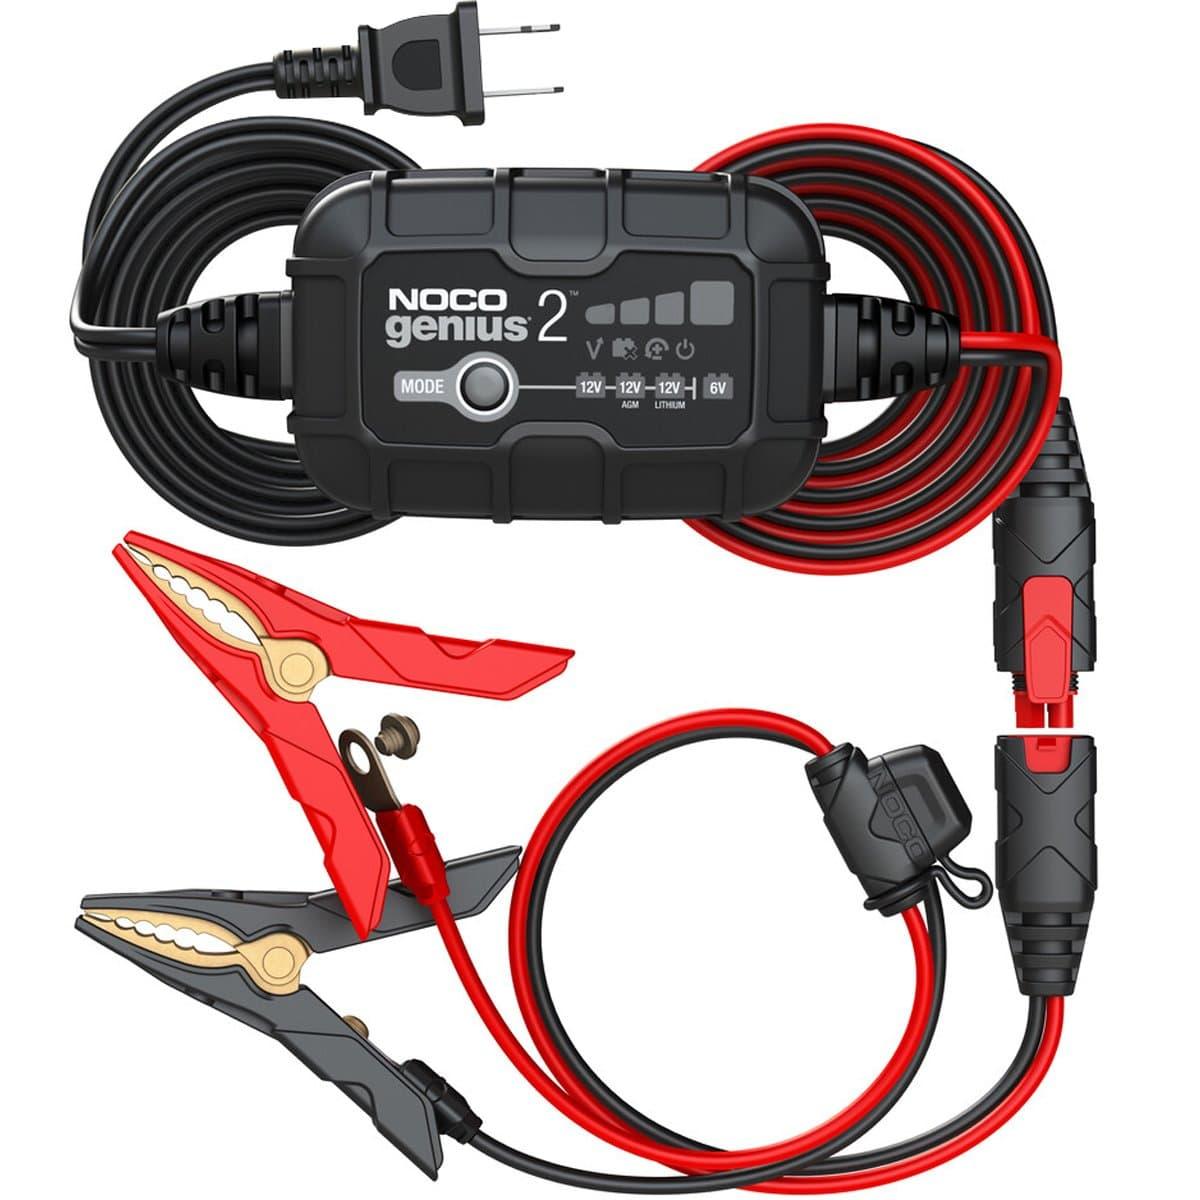 Chargeur et désulfateur de batterie : le nouveau Noco Genius 2